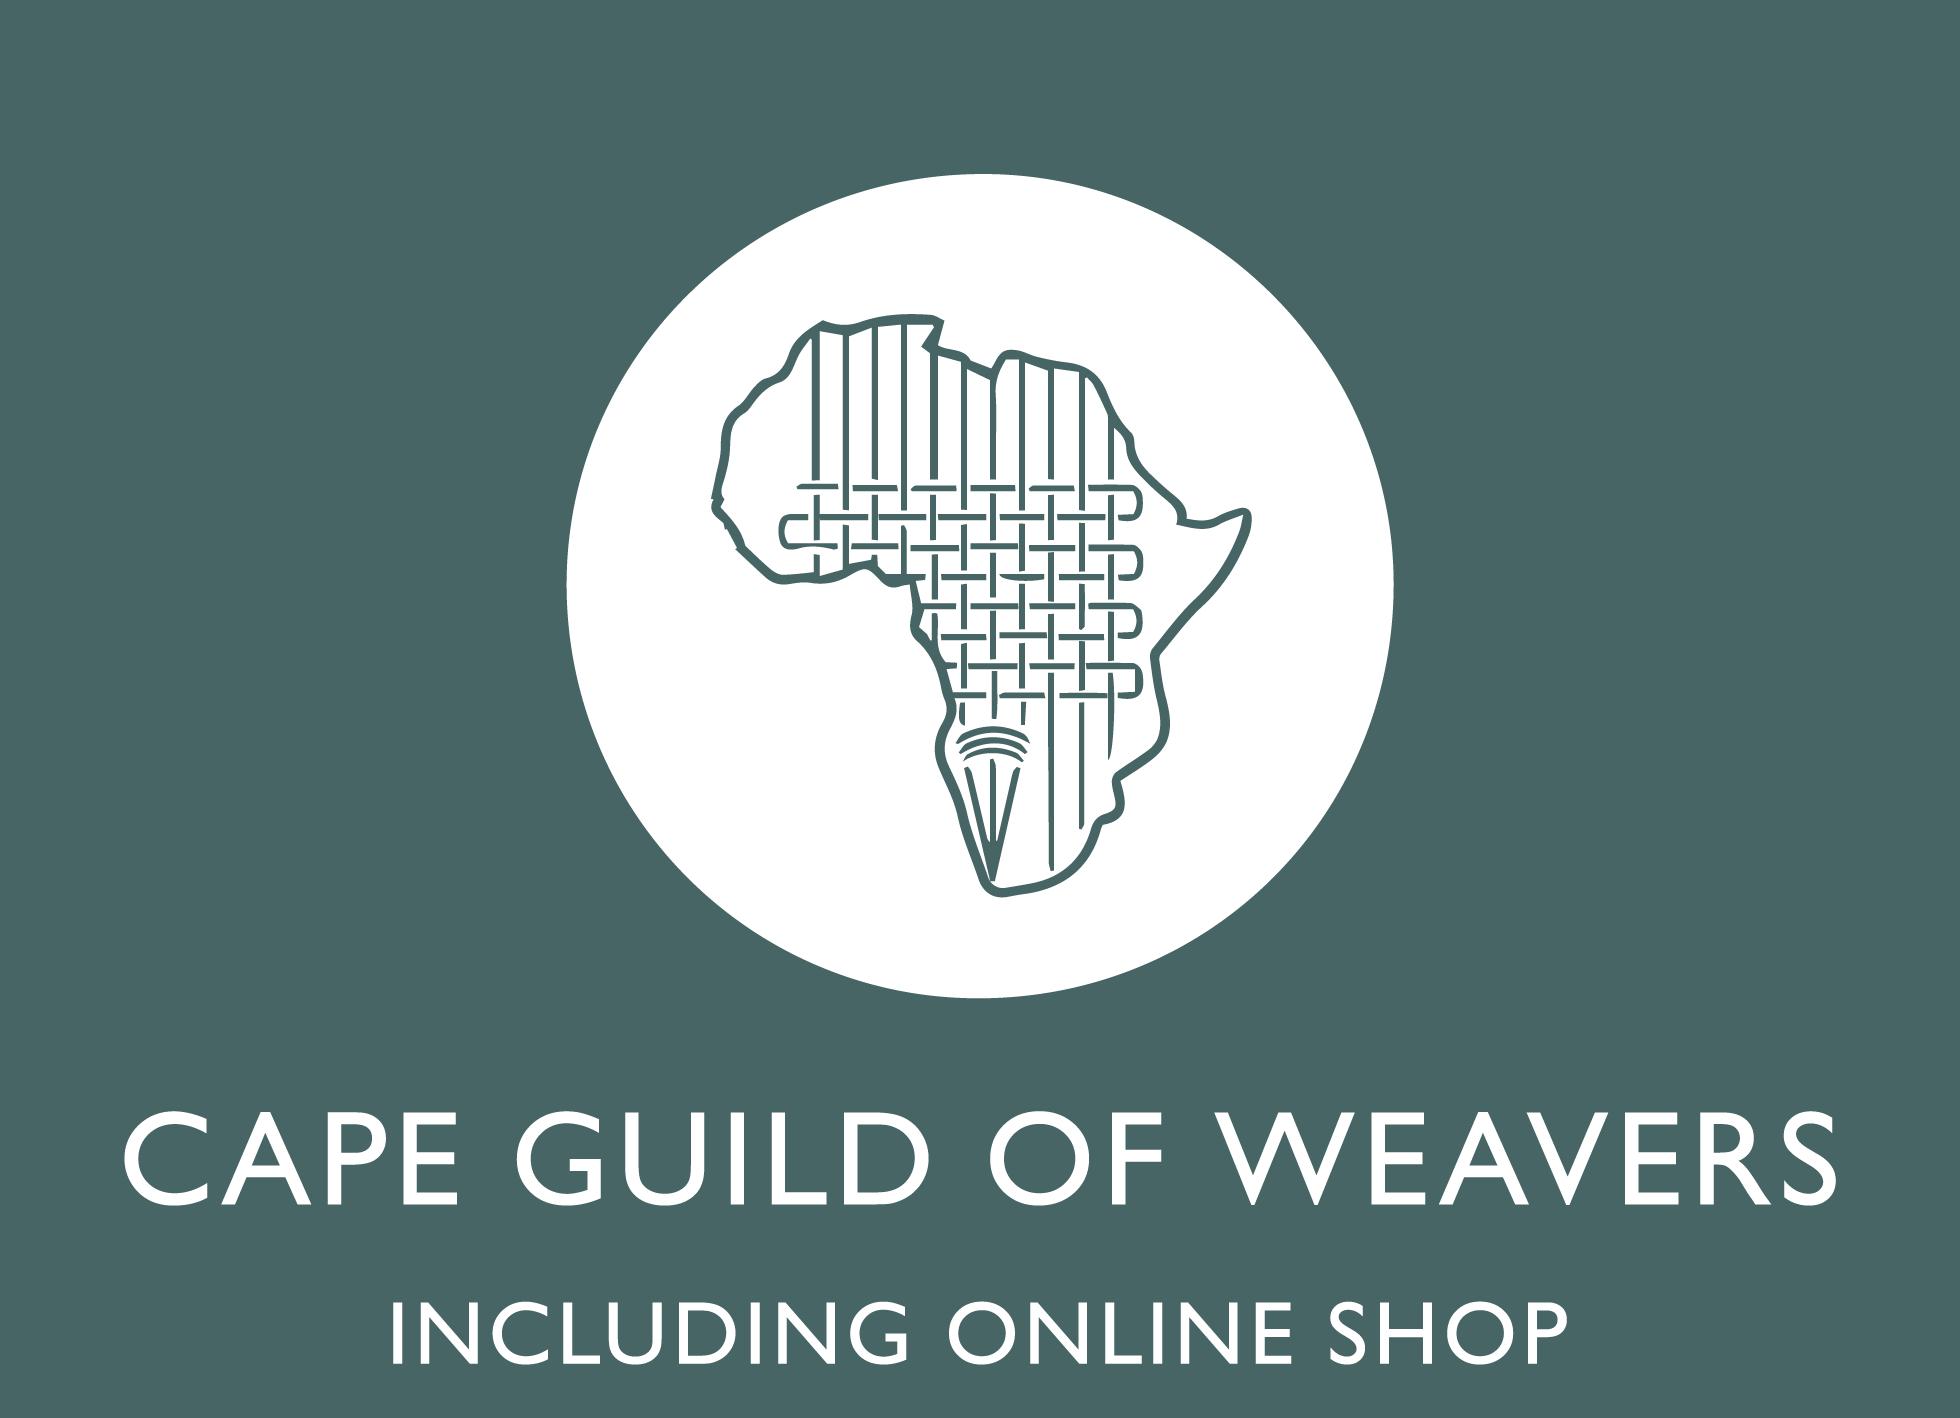 Cape Guild Of Weavers